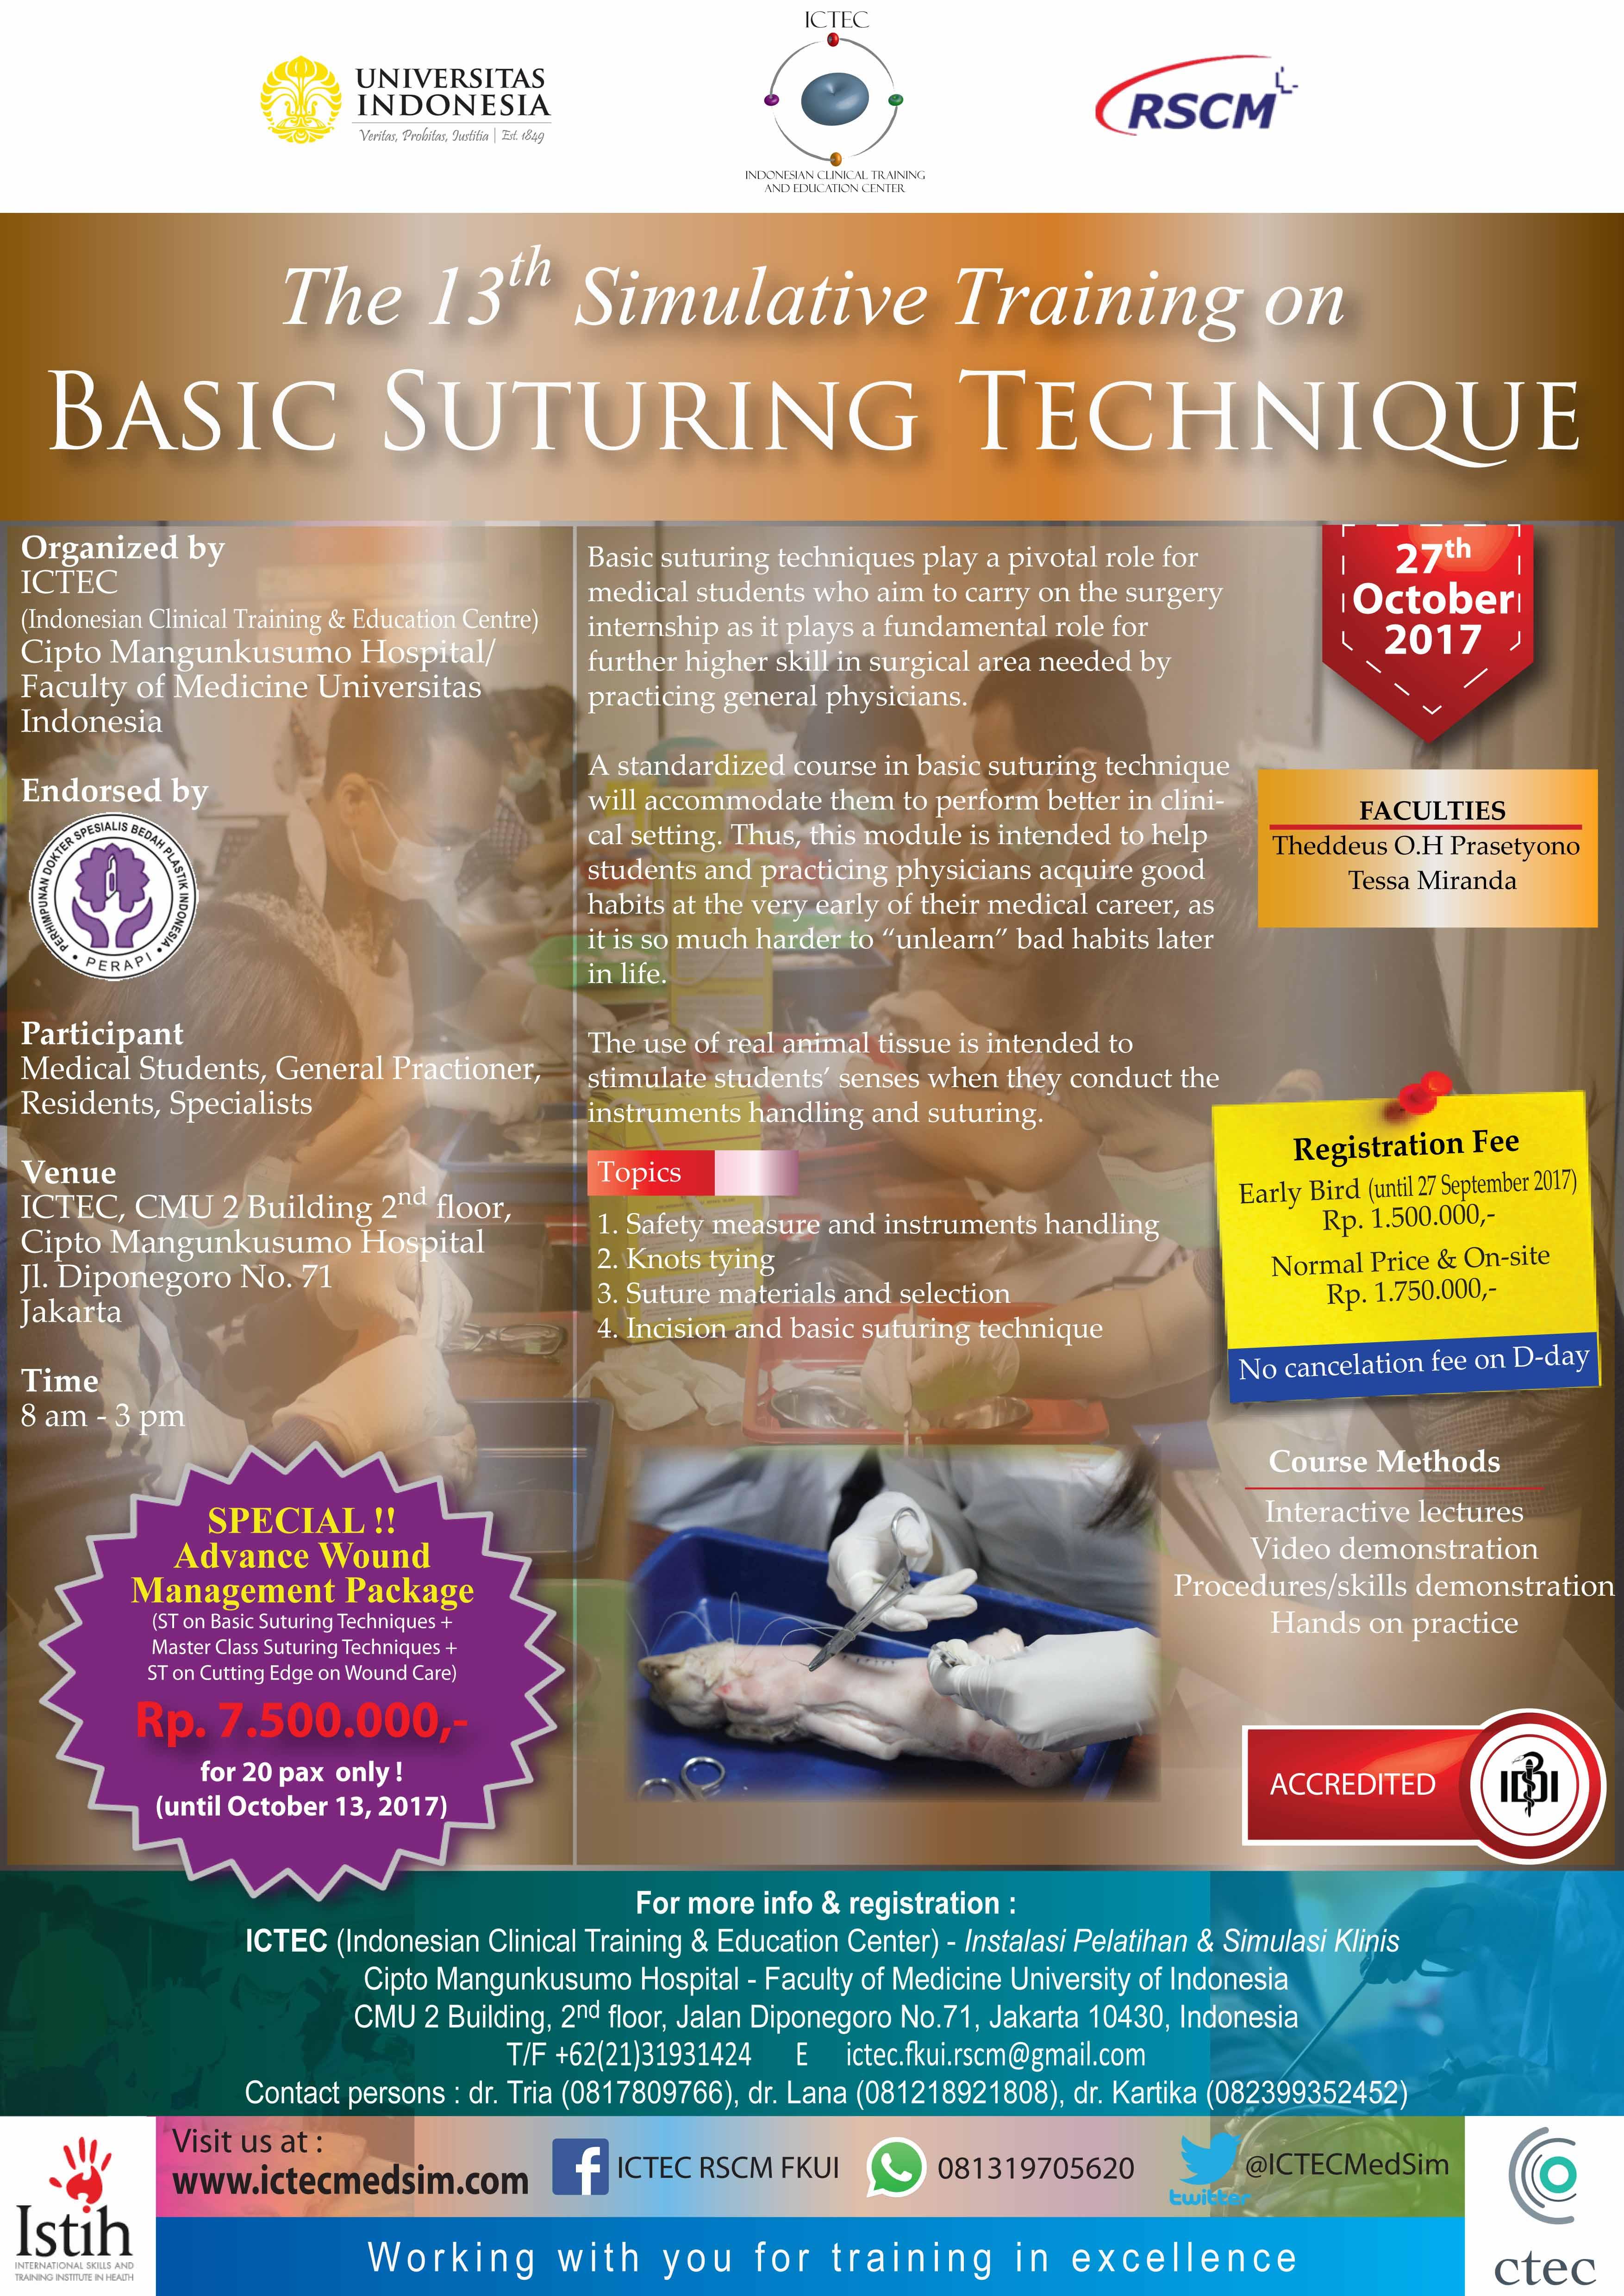 Basic Suturing Technique